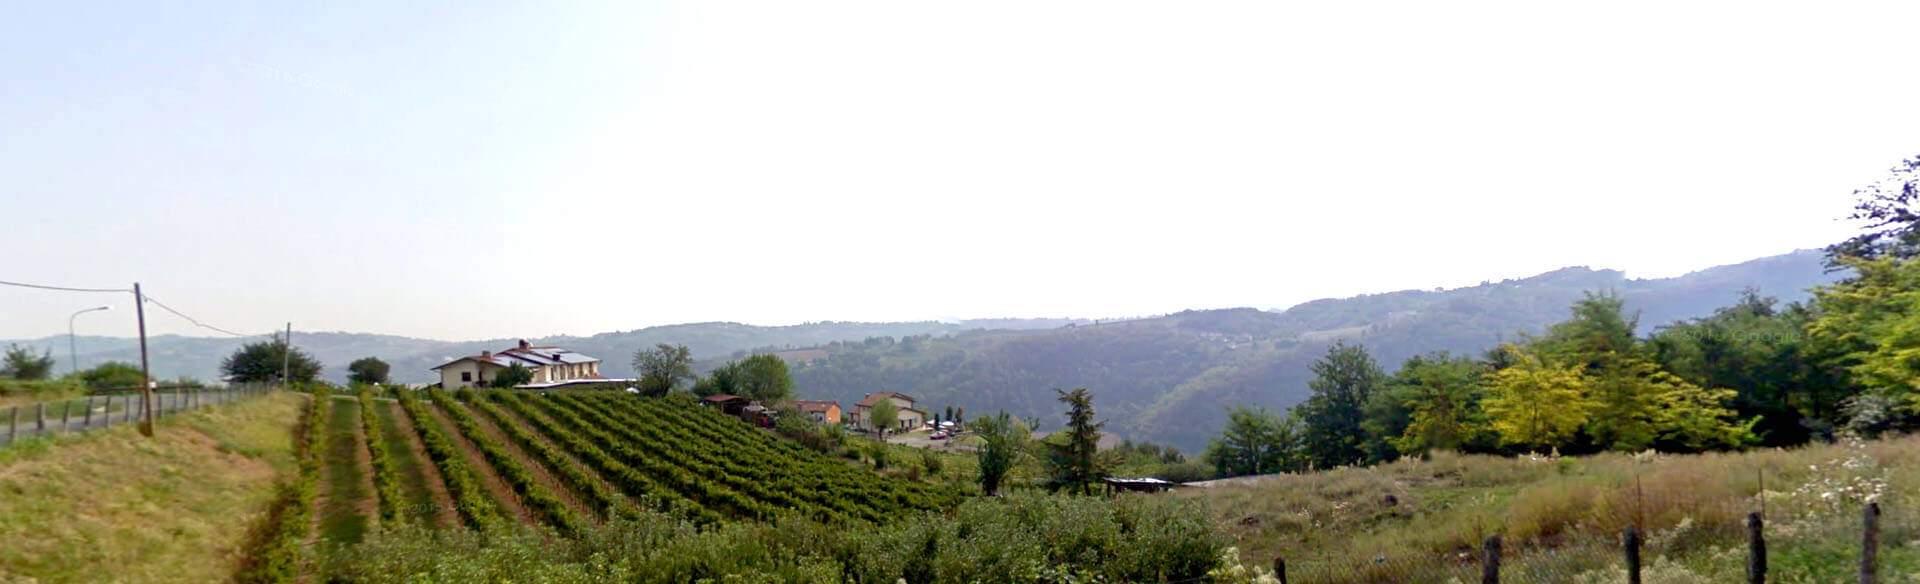 Trattoria la collinetta Altavilla Vicentina piatti tipici vicentini tradizionali